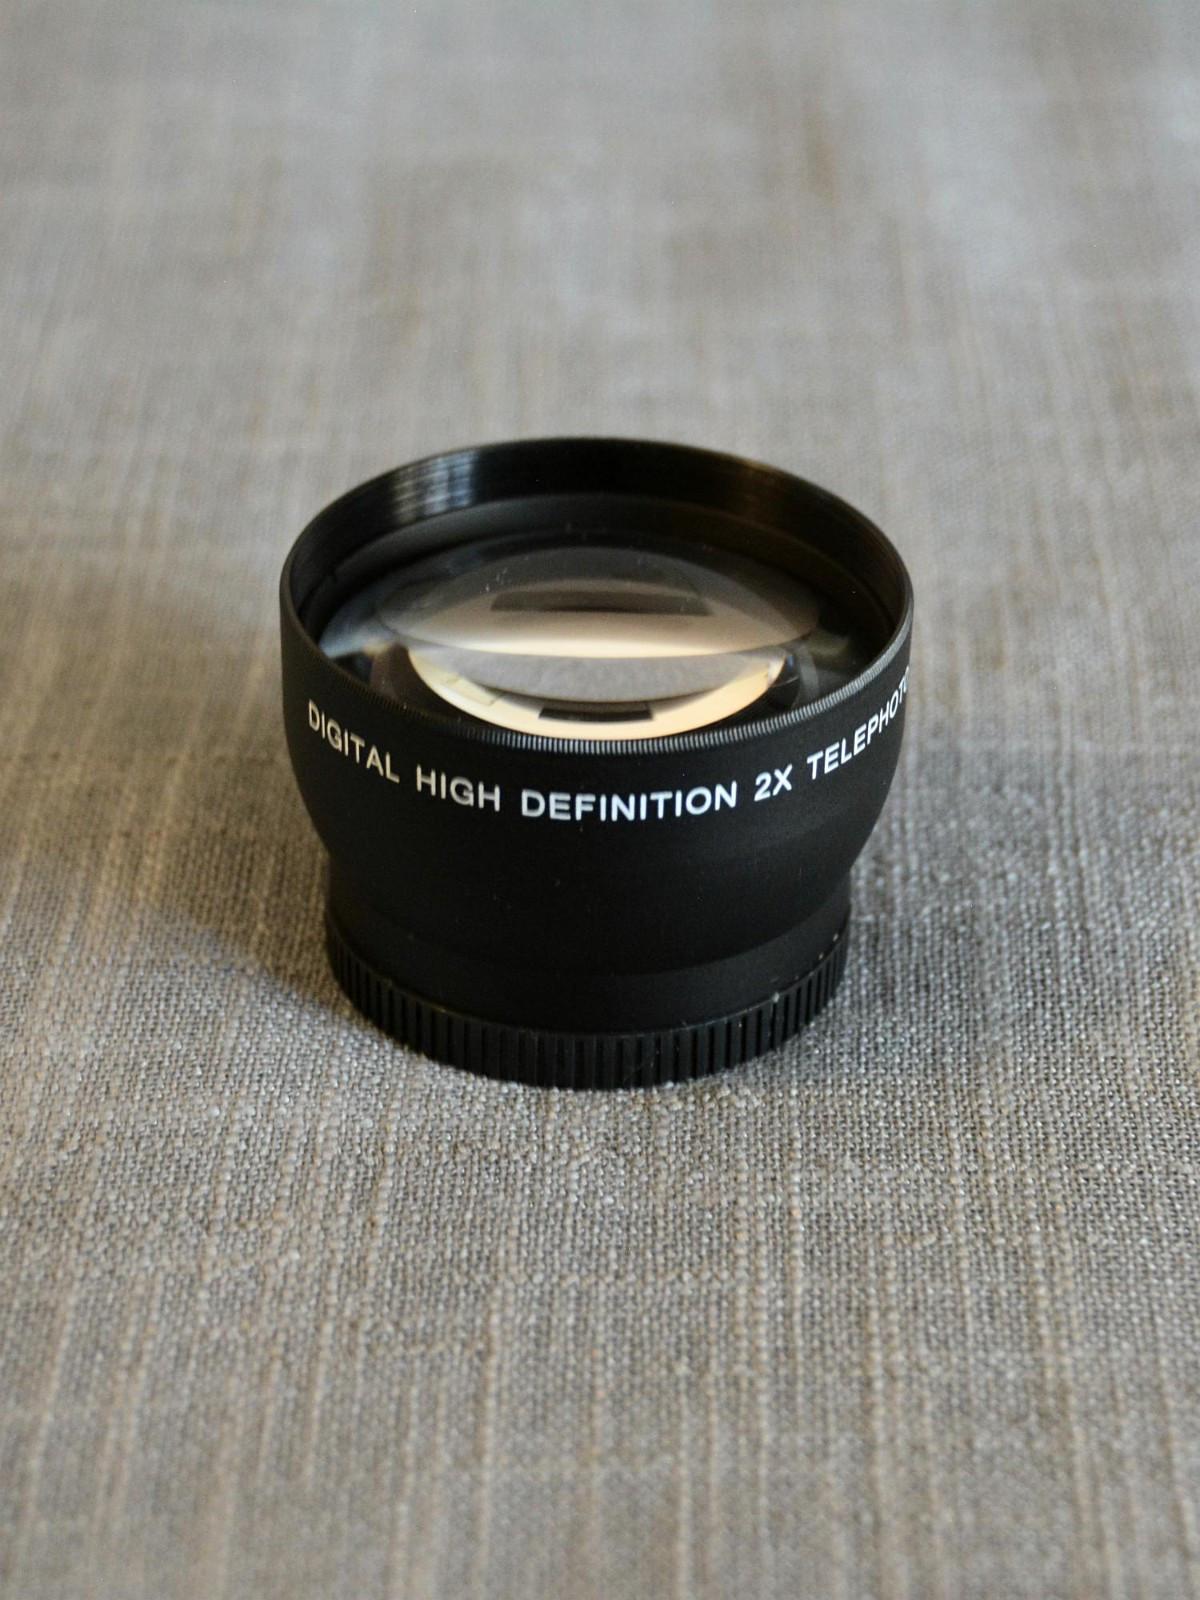 High Definition 2X Telephoto Lens (52mm) - Halden  - High Definition 2X Telephoto Lens. Passer til objektiver med 52mm filterstørrelse. Dette er en avtagbar linse som skrues på et eksisterende objektiv og dobler objektivets brennvidde optisk. MACRO for ekstreme nærbilder.  Linsen er sort og av - Halden